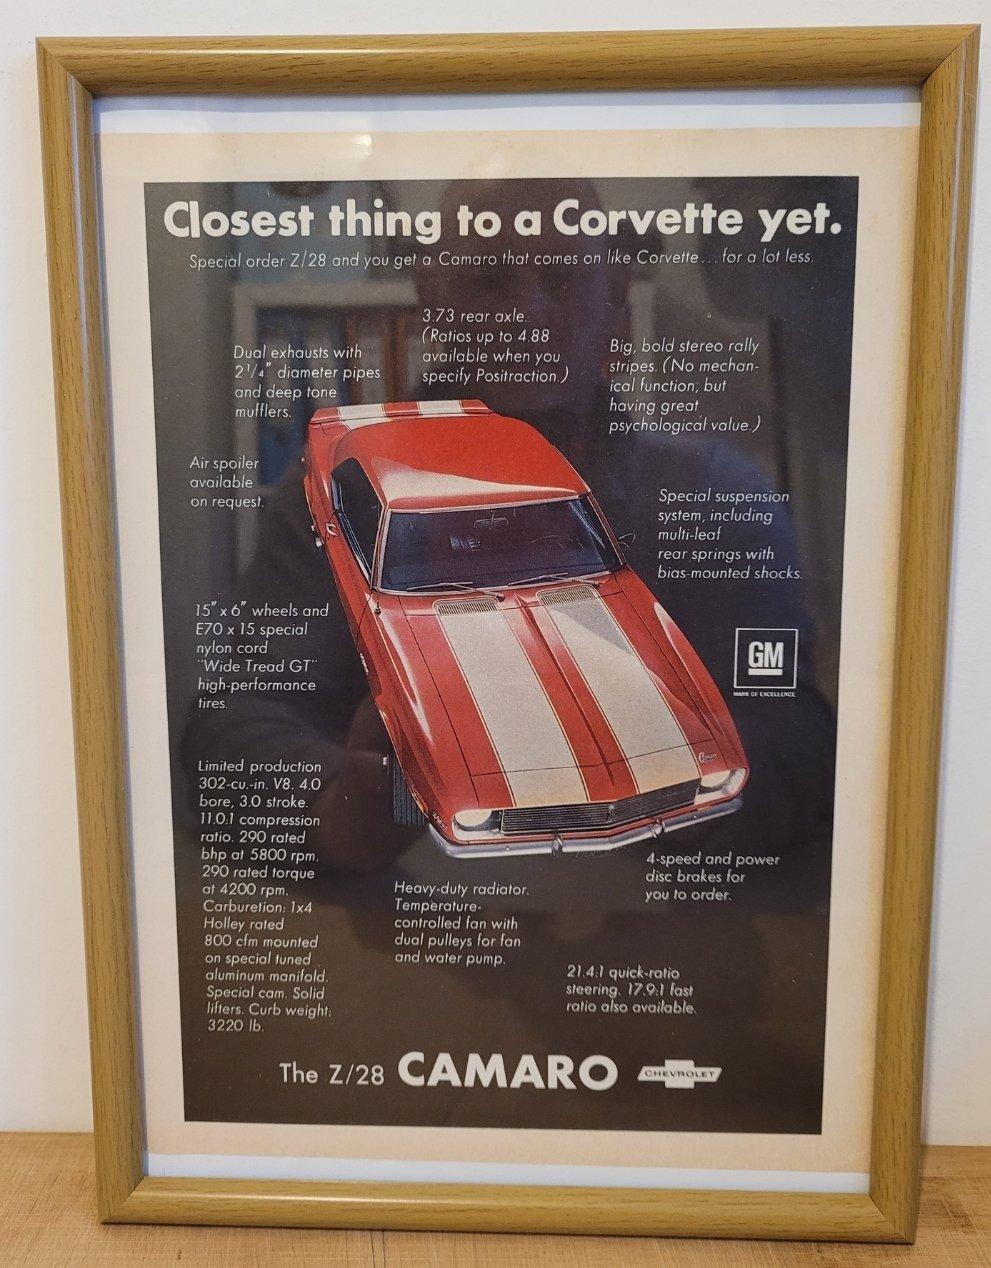 Original 1968 Chevrolet Camaro Framed Advert